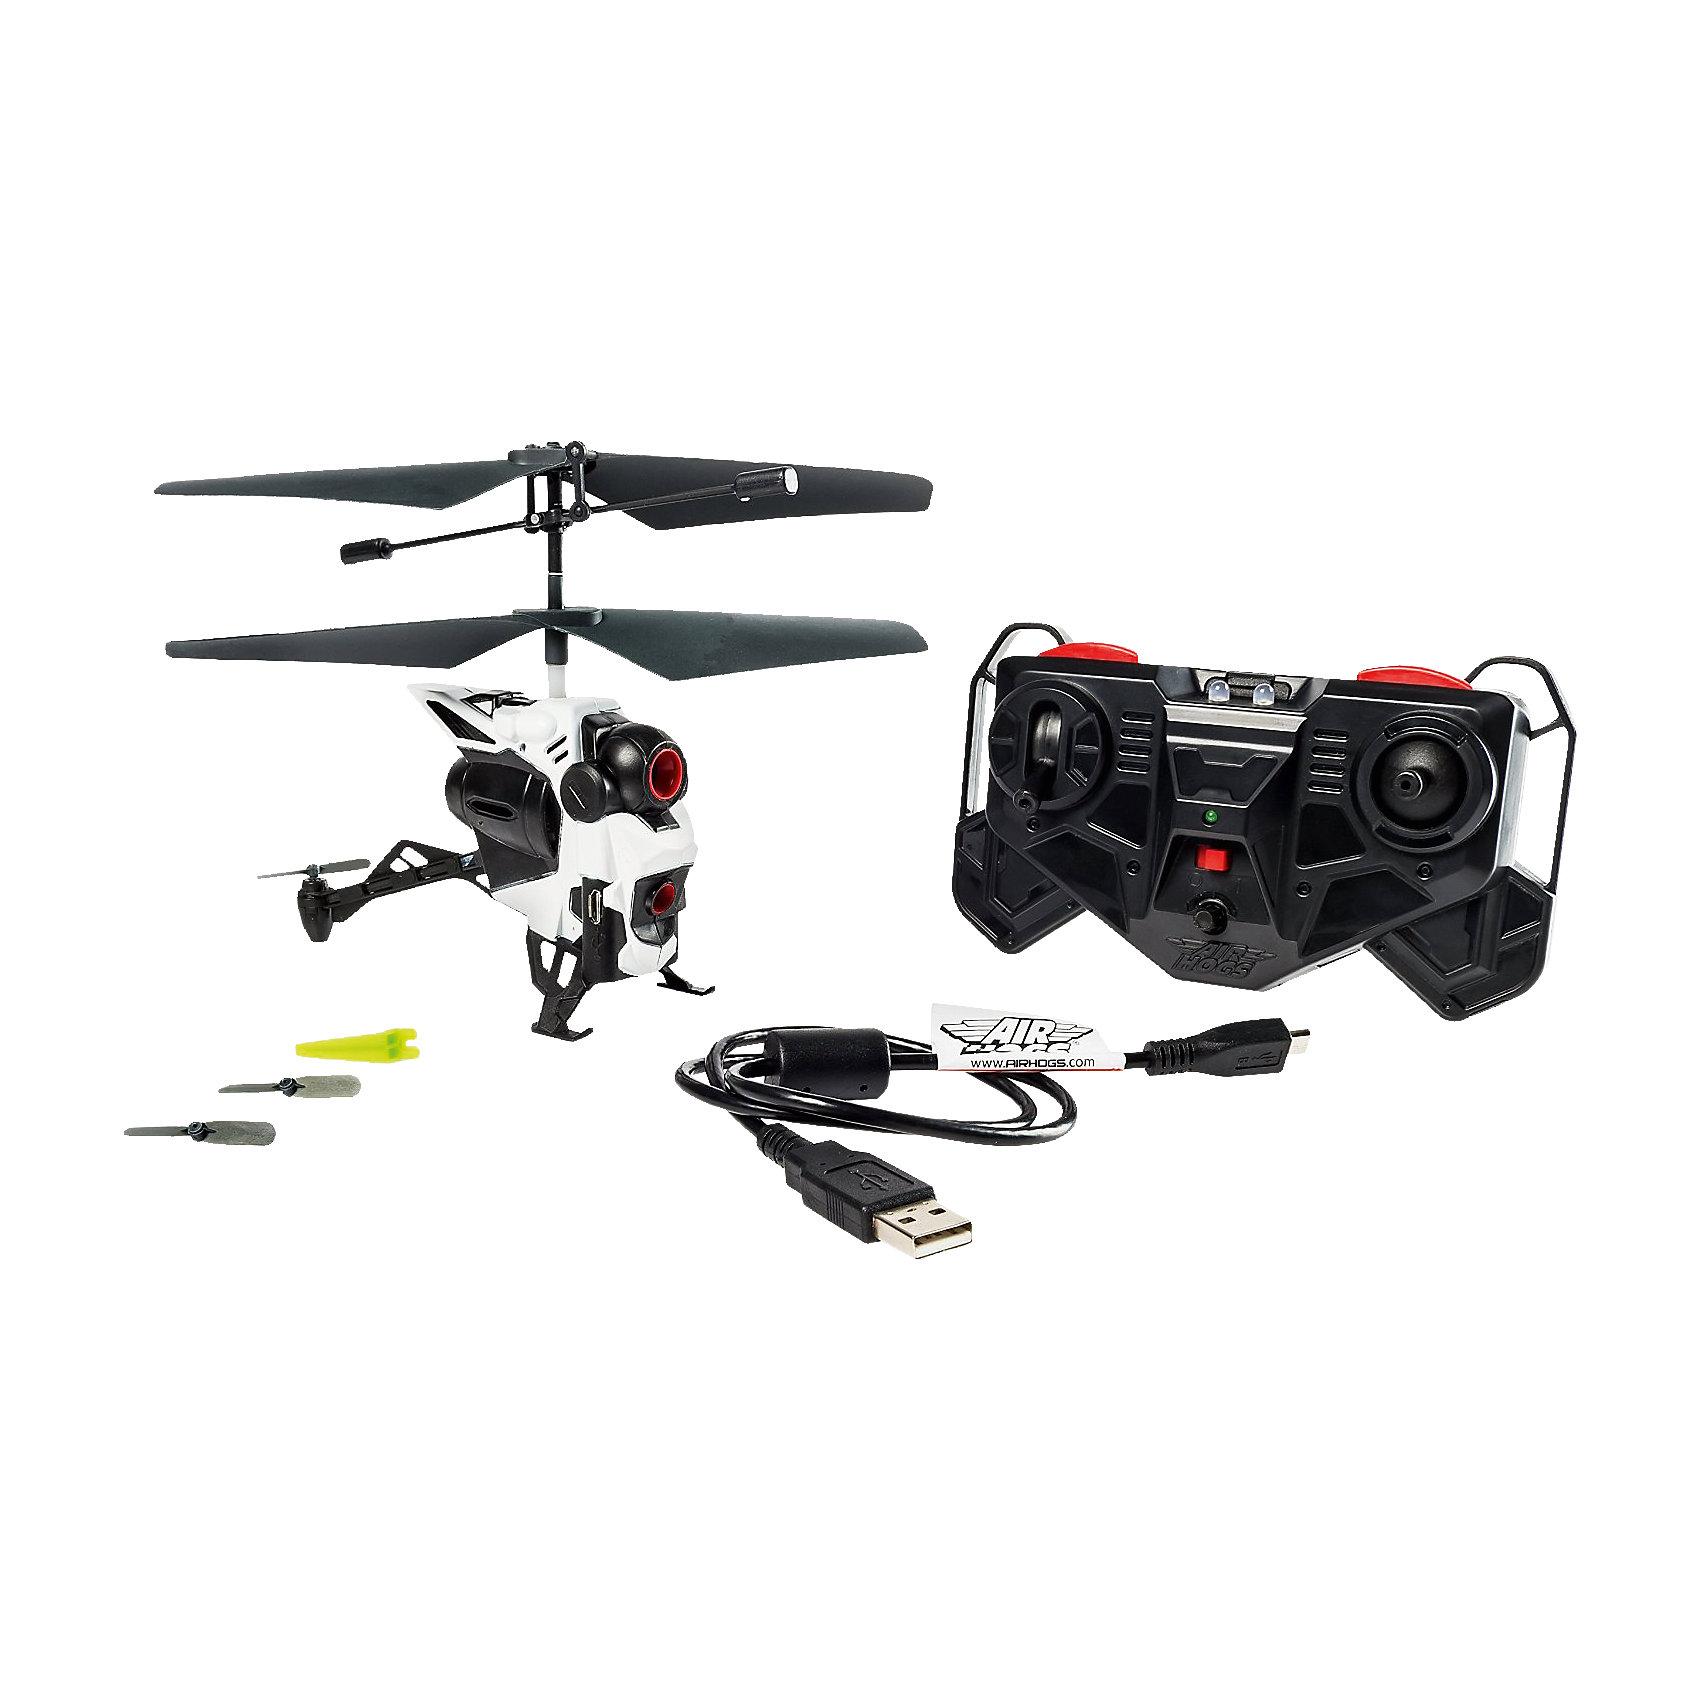 Вертолёт с камерой, AIR HOGSРадиоуправляемый транспорт<br>Вертолёт с камерой, AIR HOGS (Эйр Хогс) может снимать видео и делать фотографии во время полета! Управление вертолетом и камерой осуществляется с помощью 3-канального инфракрасного пульта управления. Камера записывает видео и фото на встроенную память, откуда отснятый материал можно скопировать на компьютер через USB и сделать потрясающую нарезку с кадрами головокружительного полета!<br><br>Характеристики:<br>-Полная зарядка аккумулятора: 40 минут<br>-5 минут непрерывного полета<br>-Питание: встроенный аккумулятор 3.7V LiPo<br>-Управление: пульт д/у<br>-Возможности: фото-видеосъемка с разрешением 0,3 мегапикселя<br>-Зарядка: от ПК или других устройств при помощи USB-кабеля <br>-Объем встроенной памяти: 128 мегабайт<br>-Предназначен для полетов в помещении или на улице в сухую безветренную погоду<br>-Изготовлен из ударопрочного материала <br>-Встроенный гироскоп и система стабилизации обеспечивает плавность полета и видеоматериала<br><br>Комплектация: вертолет, пульт управления, USB-кабель, устройство для снятия рулевого винта, 2 дополнительных рулевых винта, инструкция<br><br>Дополнительная информация:<br>-Материалы: пластик, металл<br>-Размеры в упаковке: 30,5х7х28 см<br>-Вес в упаковке: 550 г<br>-Требуются 3 батарейки типа ААА (в набор НЕ входят)<br>-Размеры вертолета: 16х13х5 см<br><br>Потрясающий радиоуправляемый вертолет с камерой, подаренный ребенку, захватит дух и вызовет бурю положительных эмоций!<br><br>Вертолёт с камерой, AIR HOGS (Эйр Хогс) можно купить в нашем магазине.<br><br>Ширина мм: 279<br>Глубина мм: 95<br>Высота мм: 305<br>Вес г: 520<br>Возраст от месяцев: 120<br>Возраст до месяцев: 180<br>Пол: Мужской<br>Возраст: Детский<br>SKU: 4038004